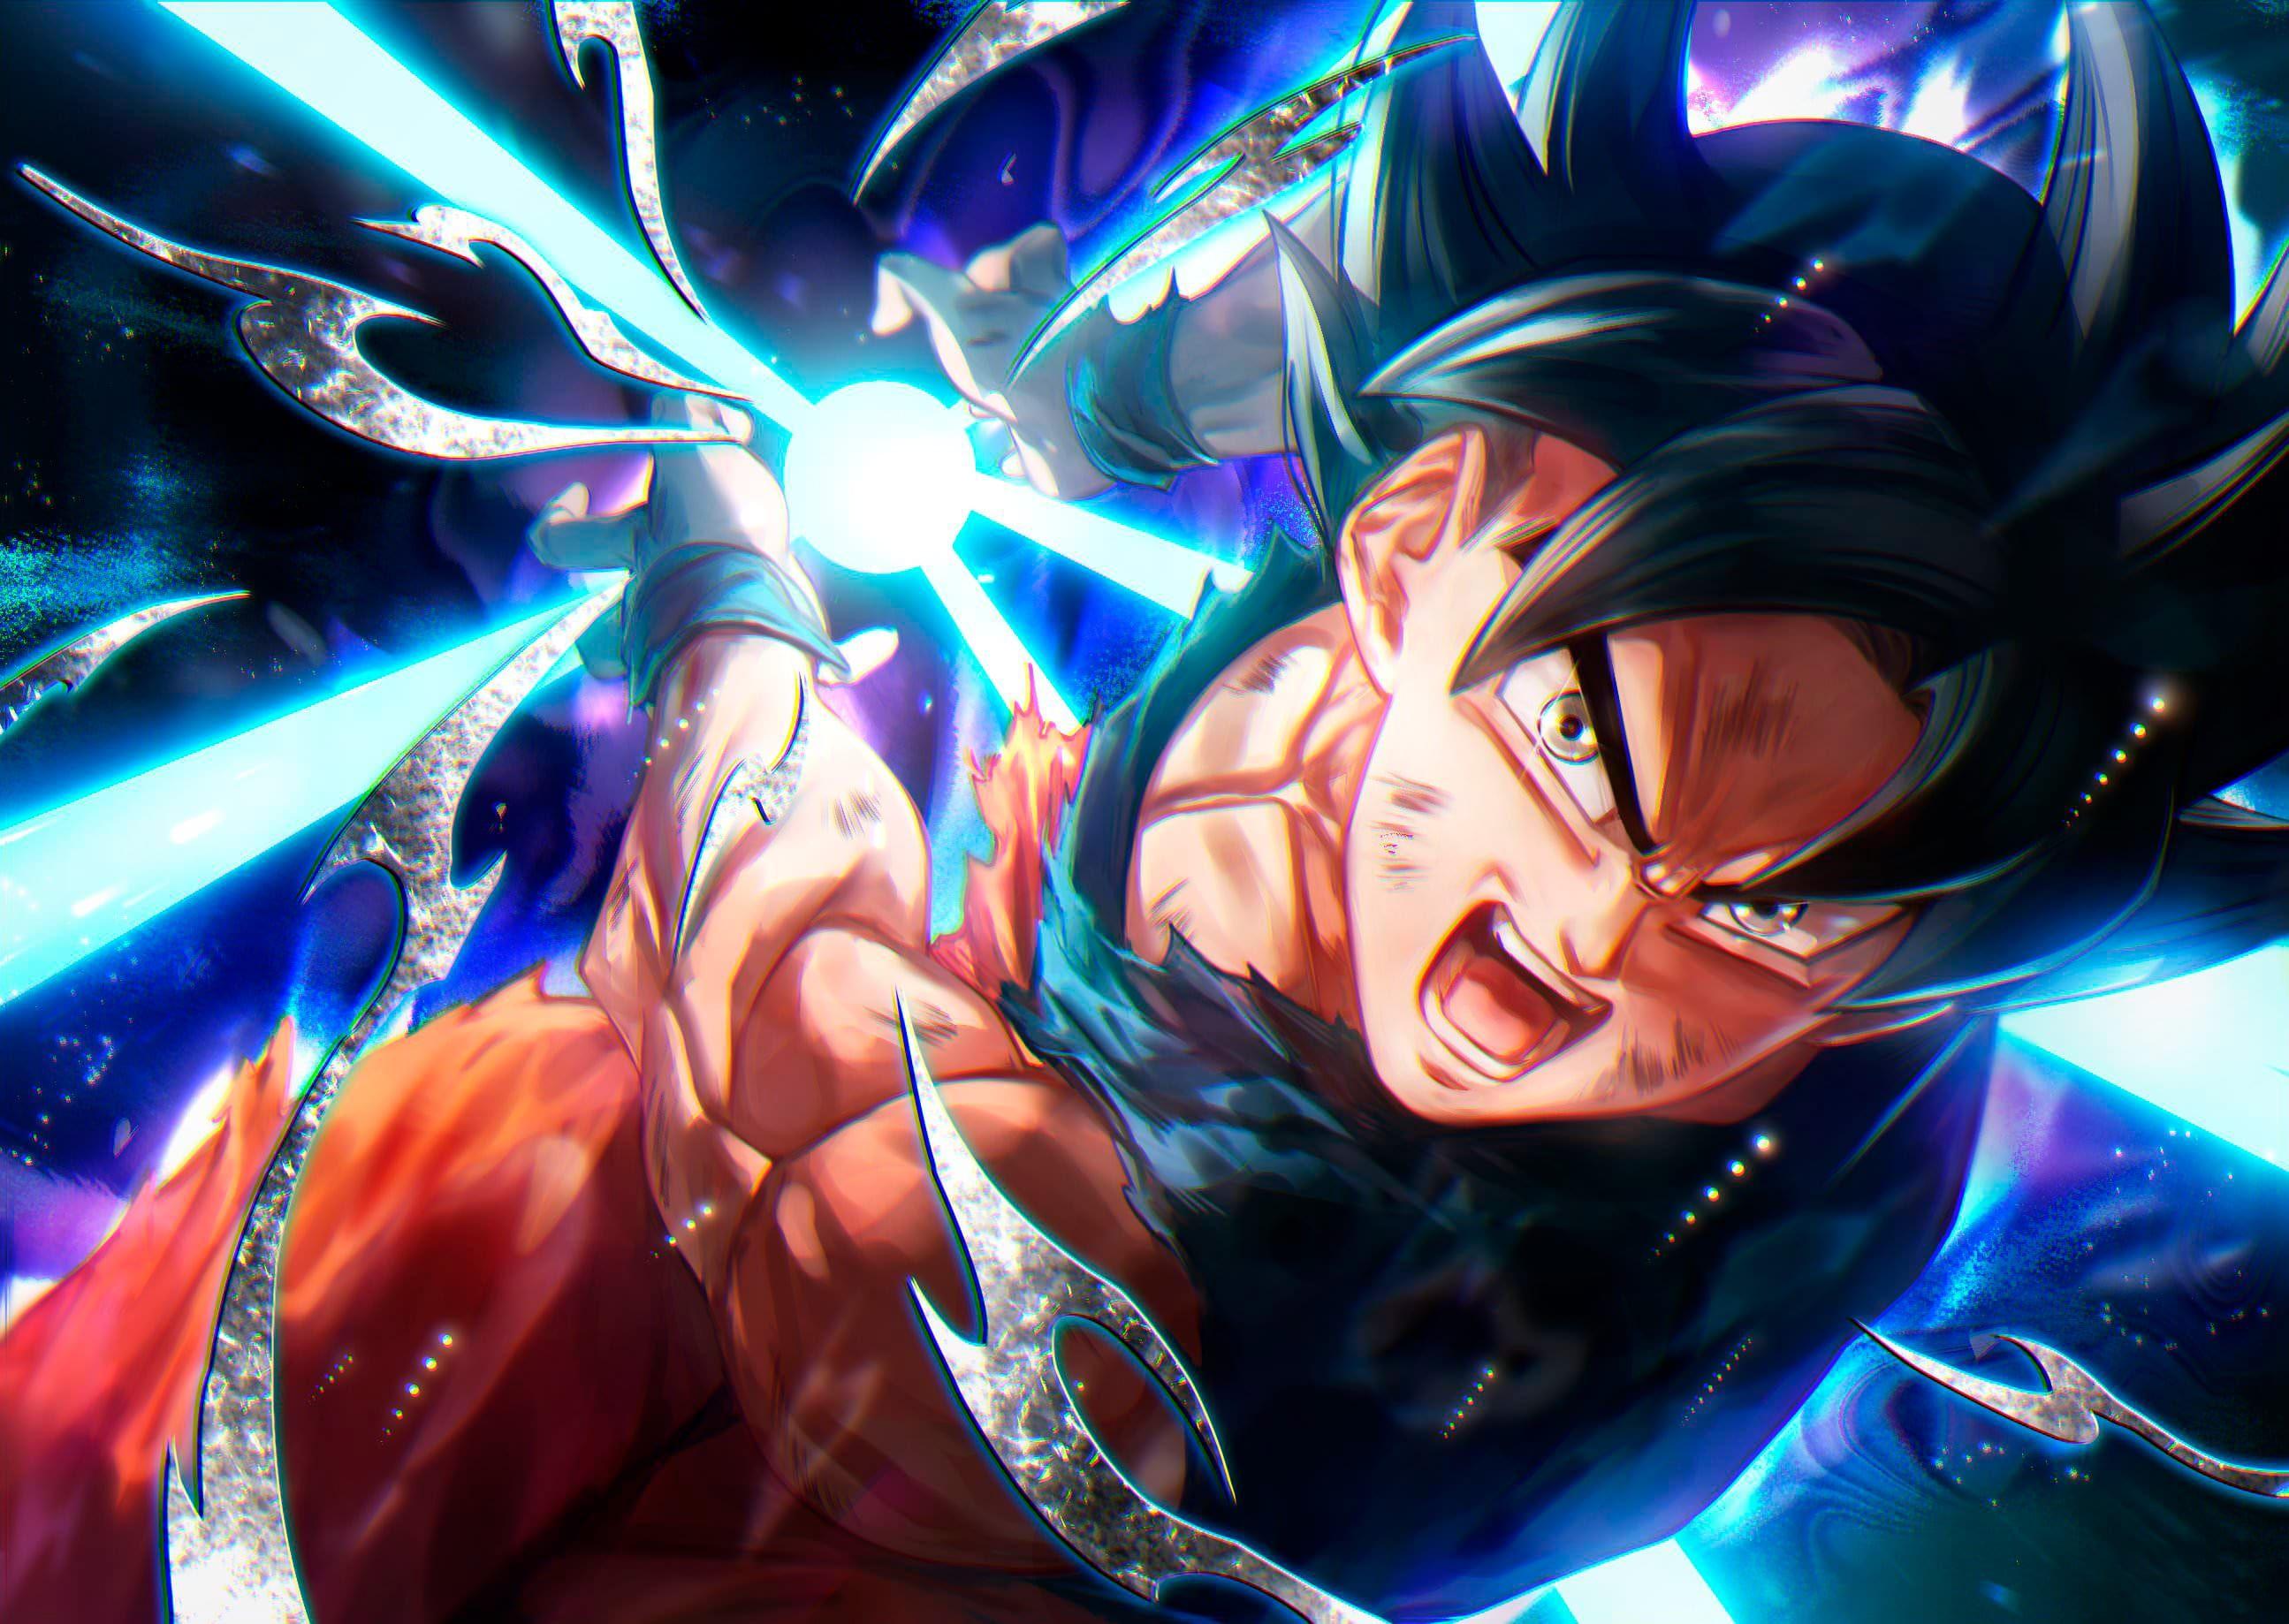 Realistic Goku Dragon Ball Super Anime Dragon Ball Wallpapers Anime Dragon Ball Dragon Ball Goku